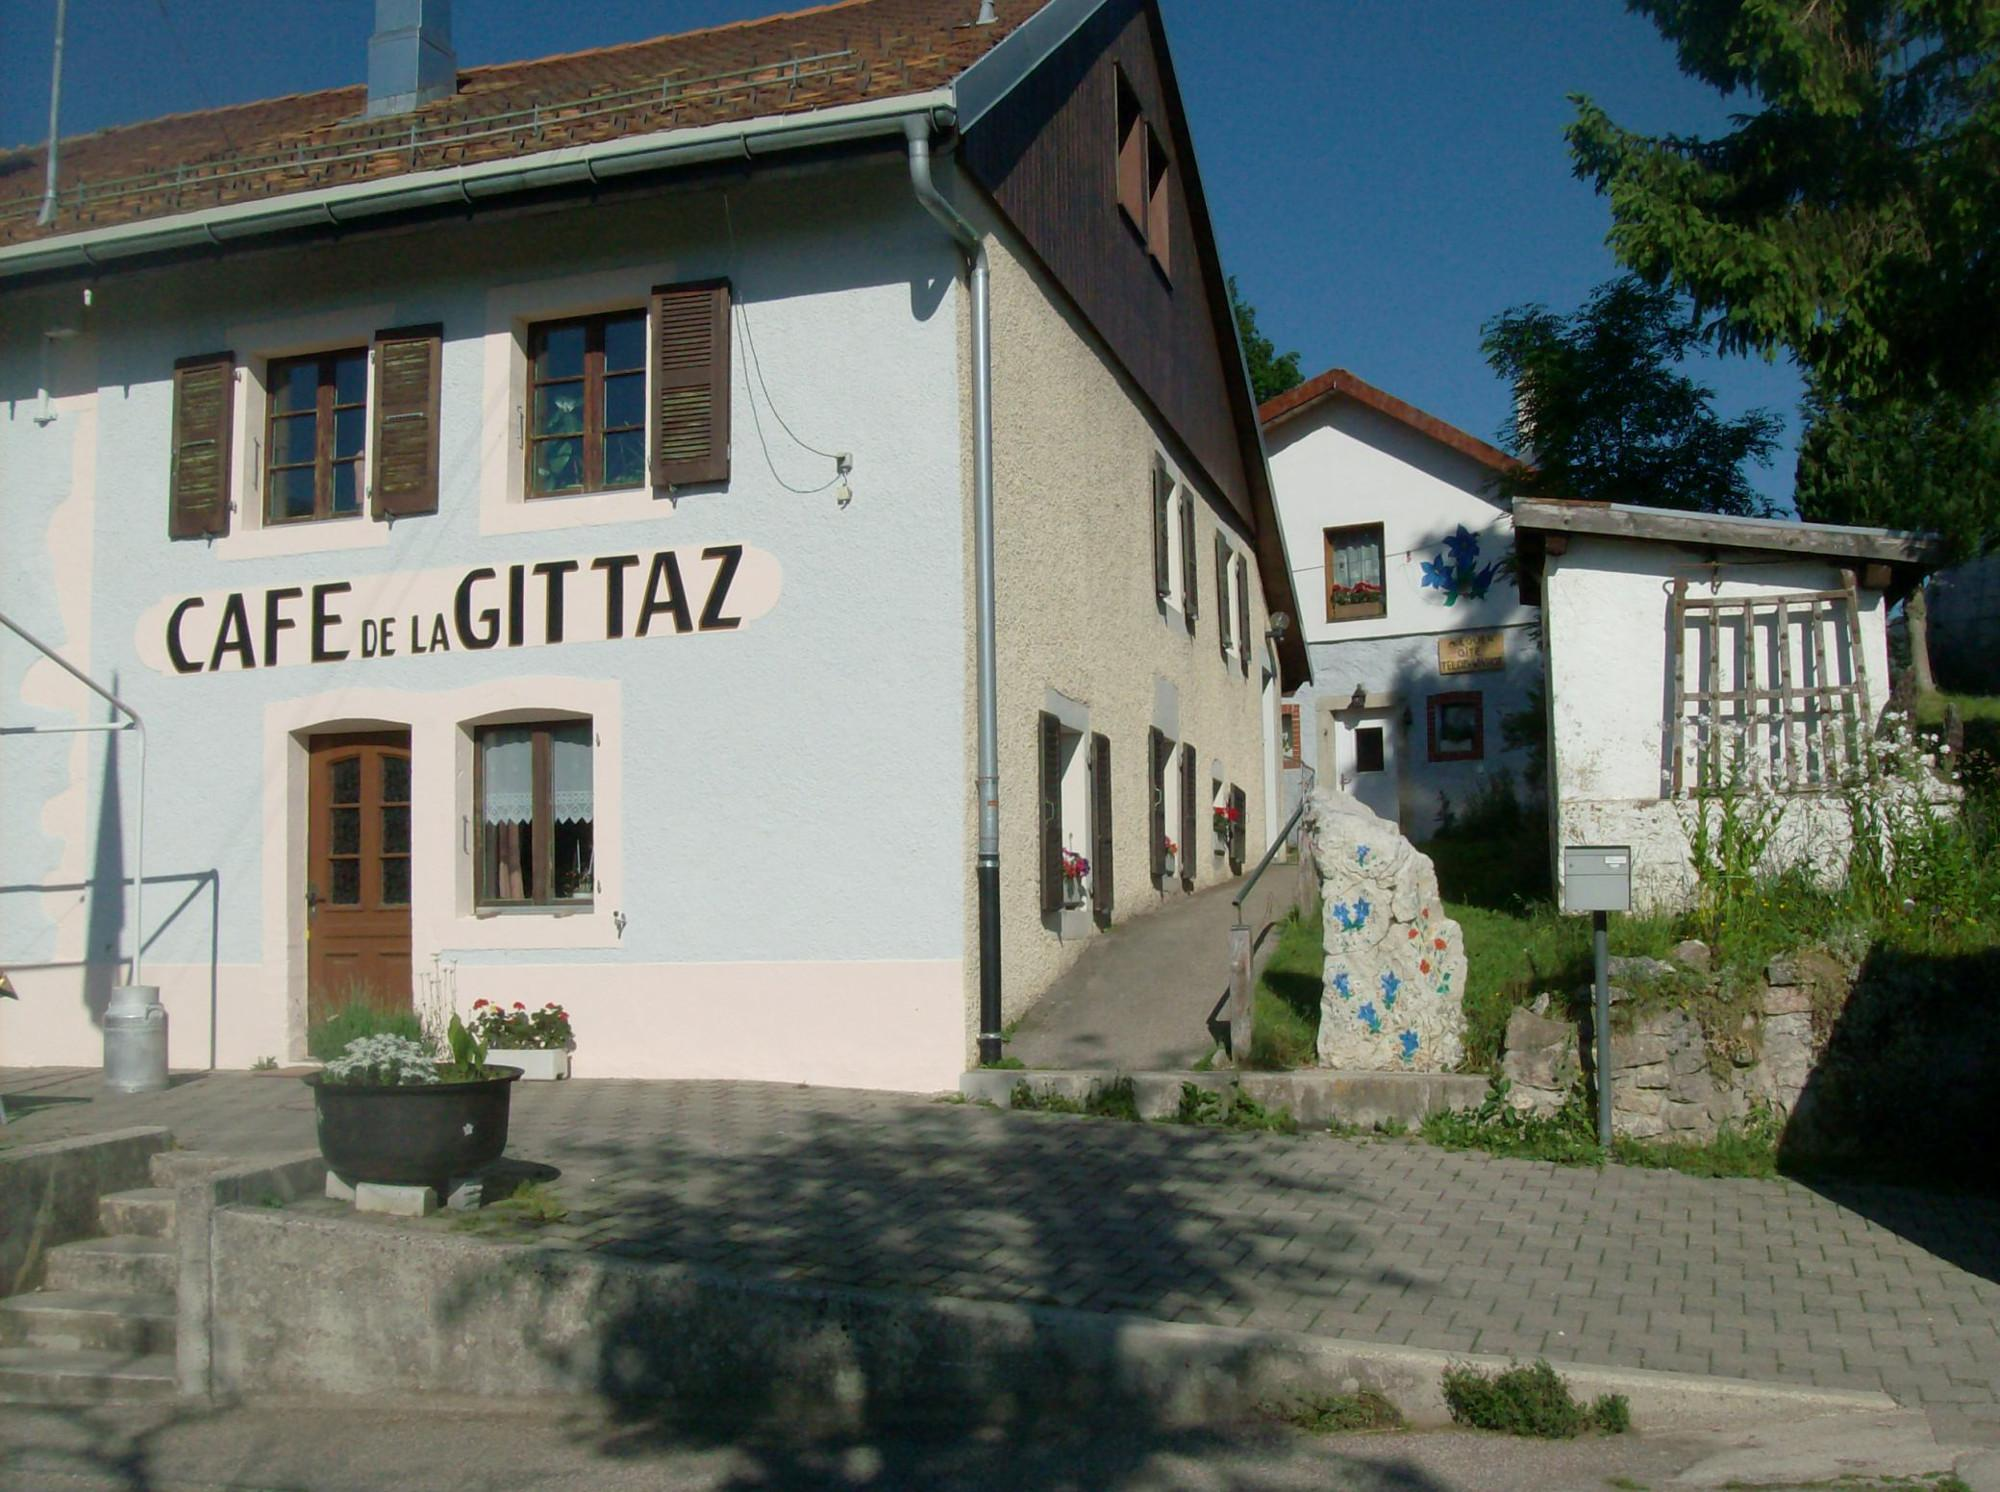 Caf restaurant de la gittaz yverdon les bains region for Bains les bains restaurant